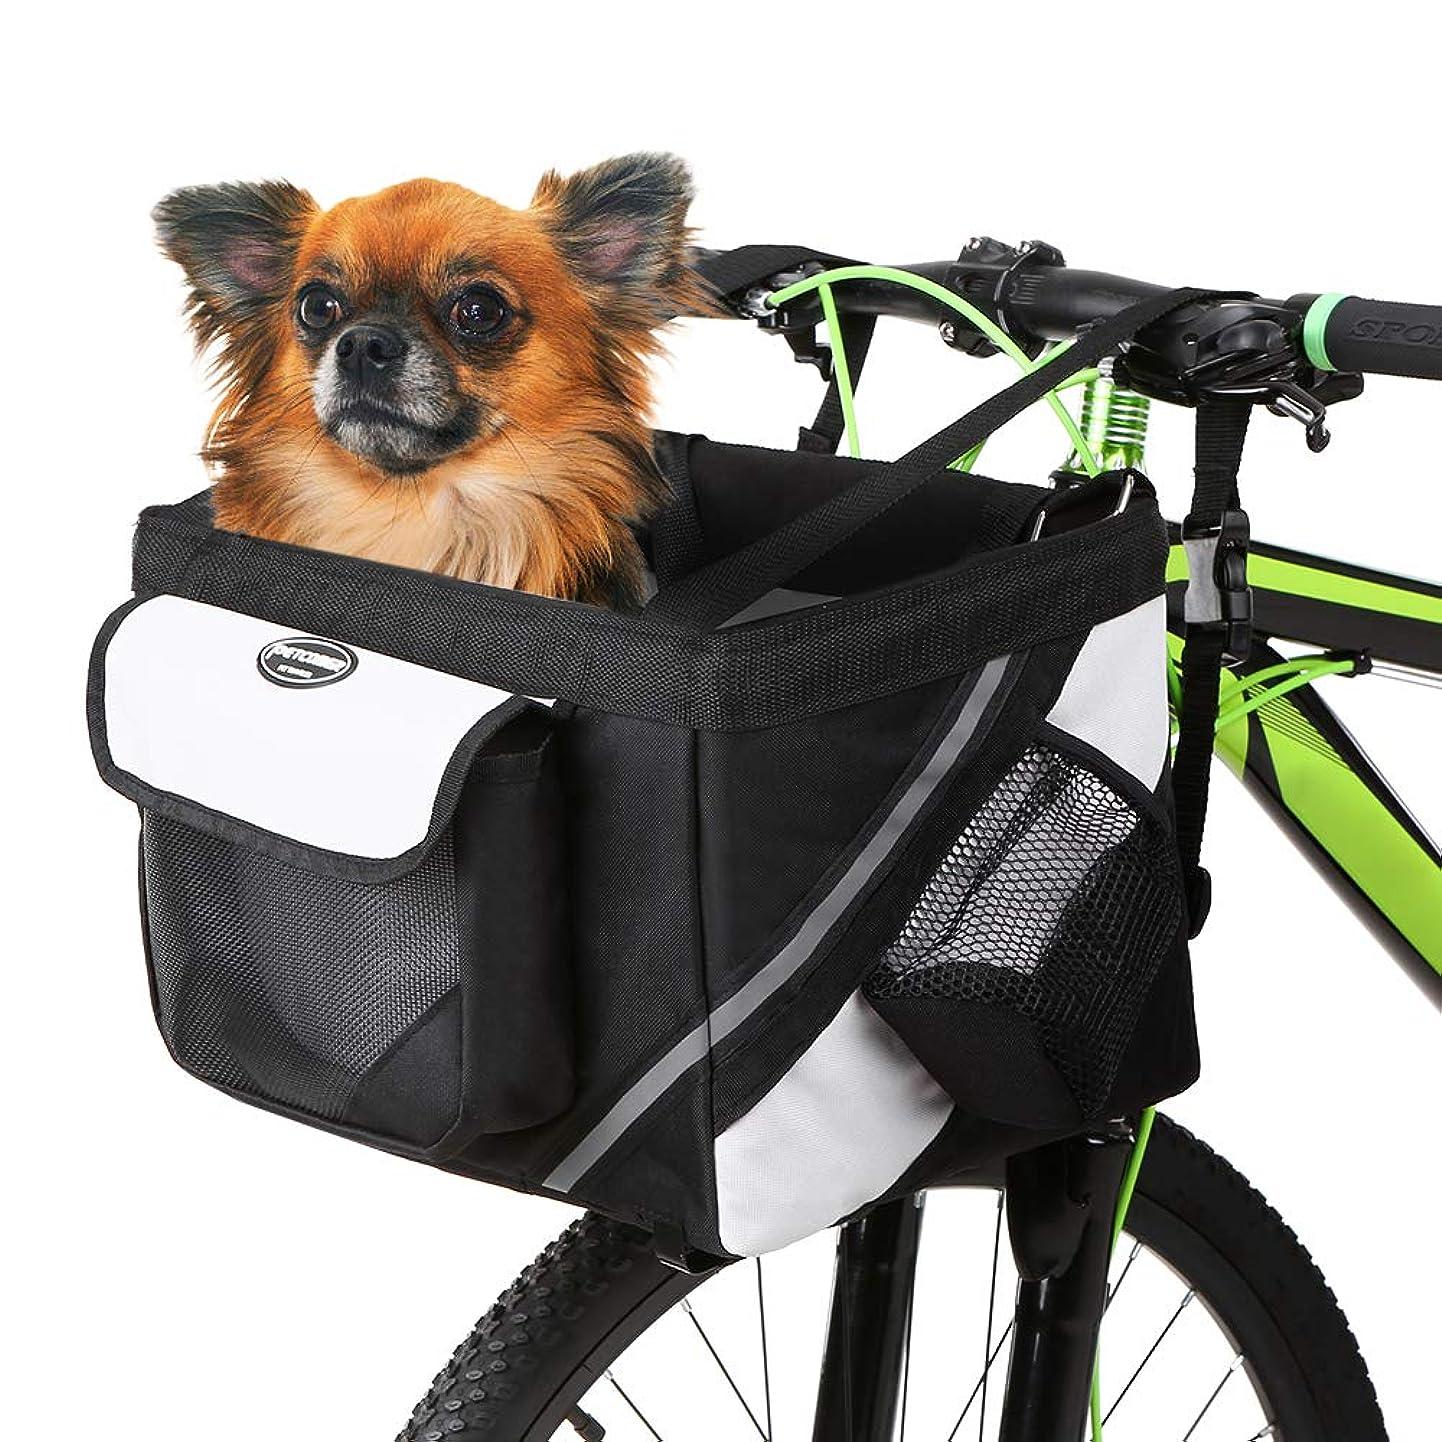 キャメル孤独な理容室Lixada 自転車用バスケット ペット 猫 犬 キャリア 自転車 ハンドルバー フロントバスケット - 折りたたみ 取り外し 取り付け簡単 クイックリリース ピクニック ショッピングバッグ ベアリング:22ポンド